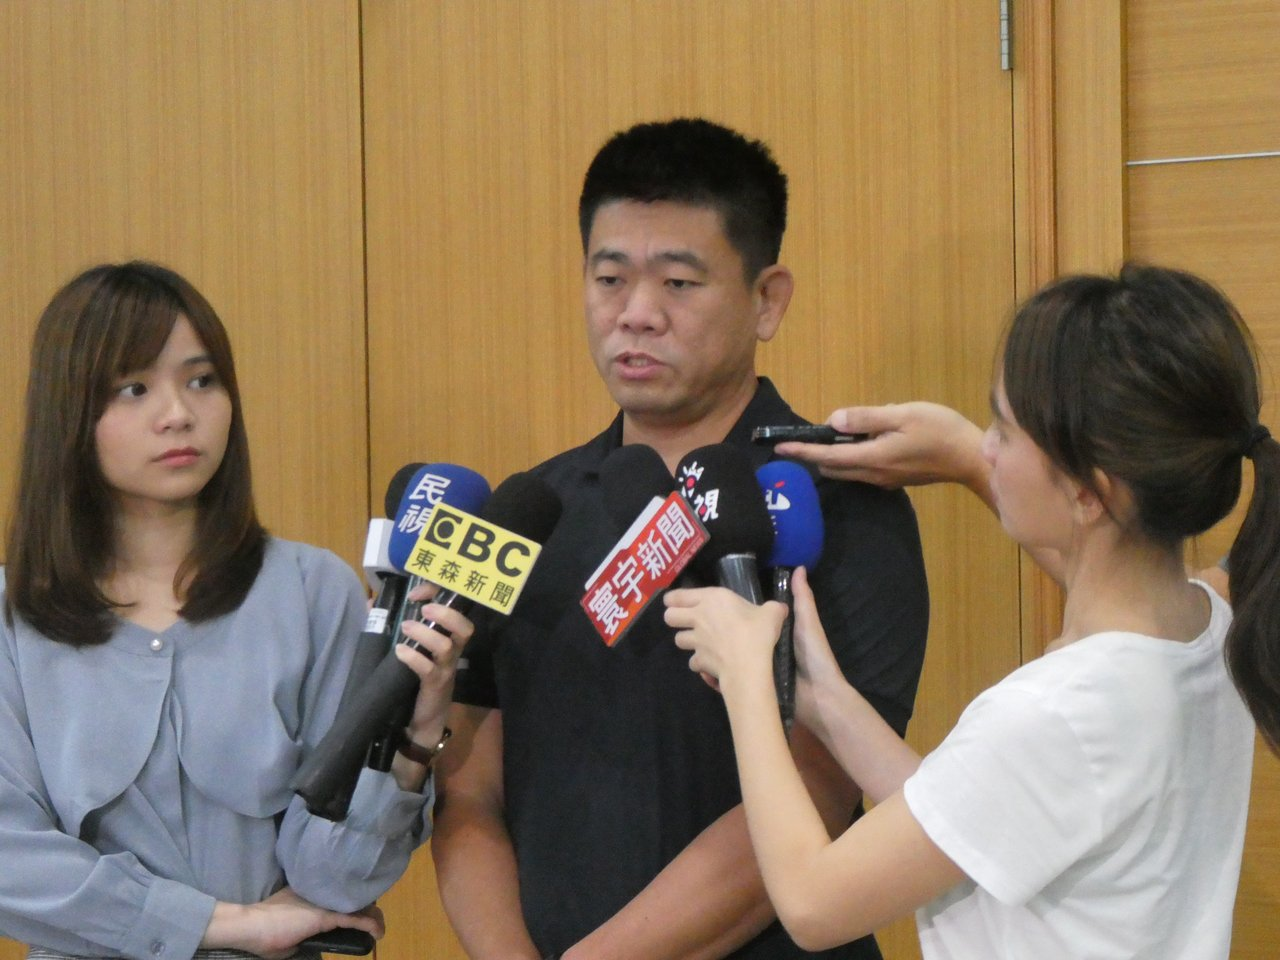 國民黨主席吳敦義考慮自排入國民黨下屆不分區立委名單消息傳出後,近日有媒體民調發現...